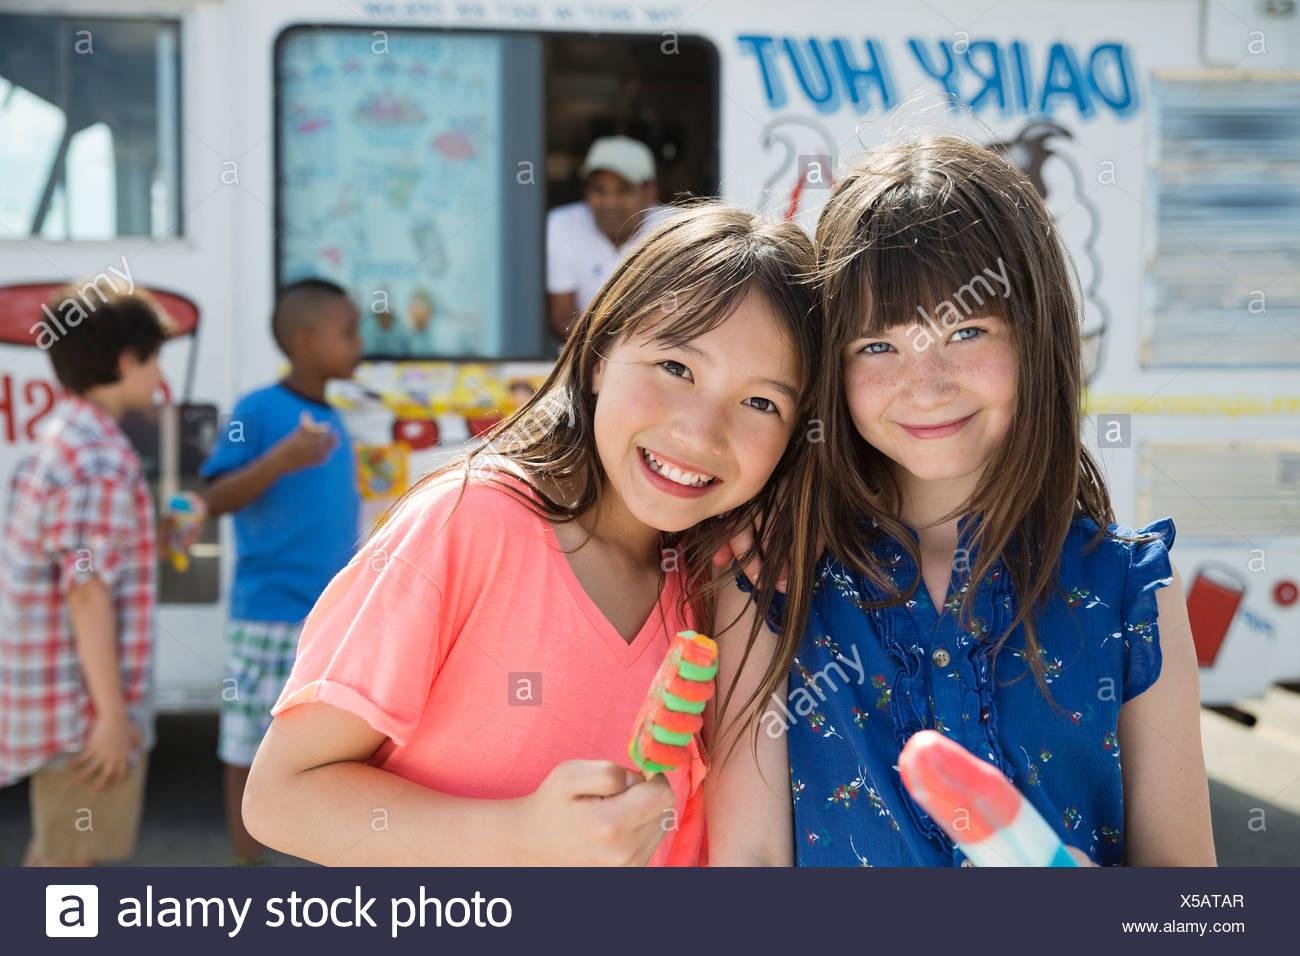 Retrato de cute girls celebración paletas Imagen De Stock